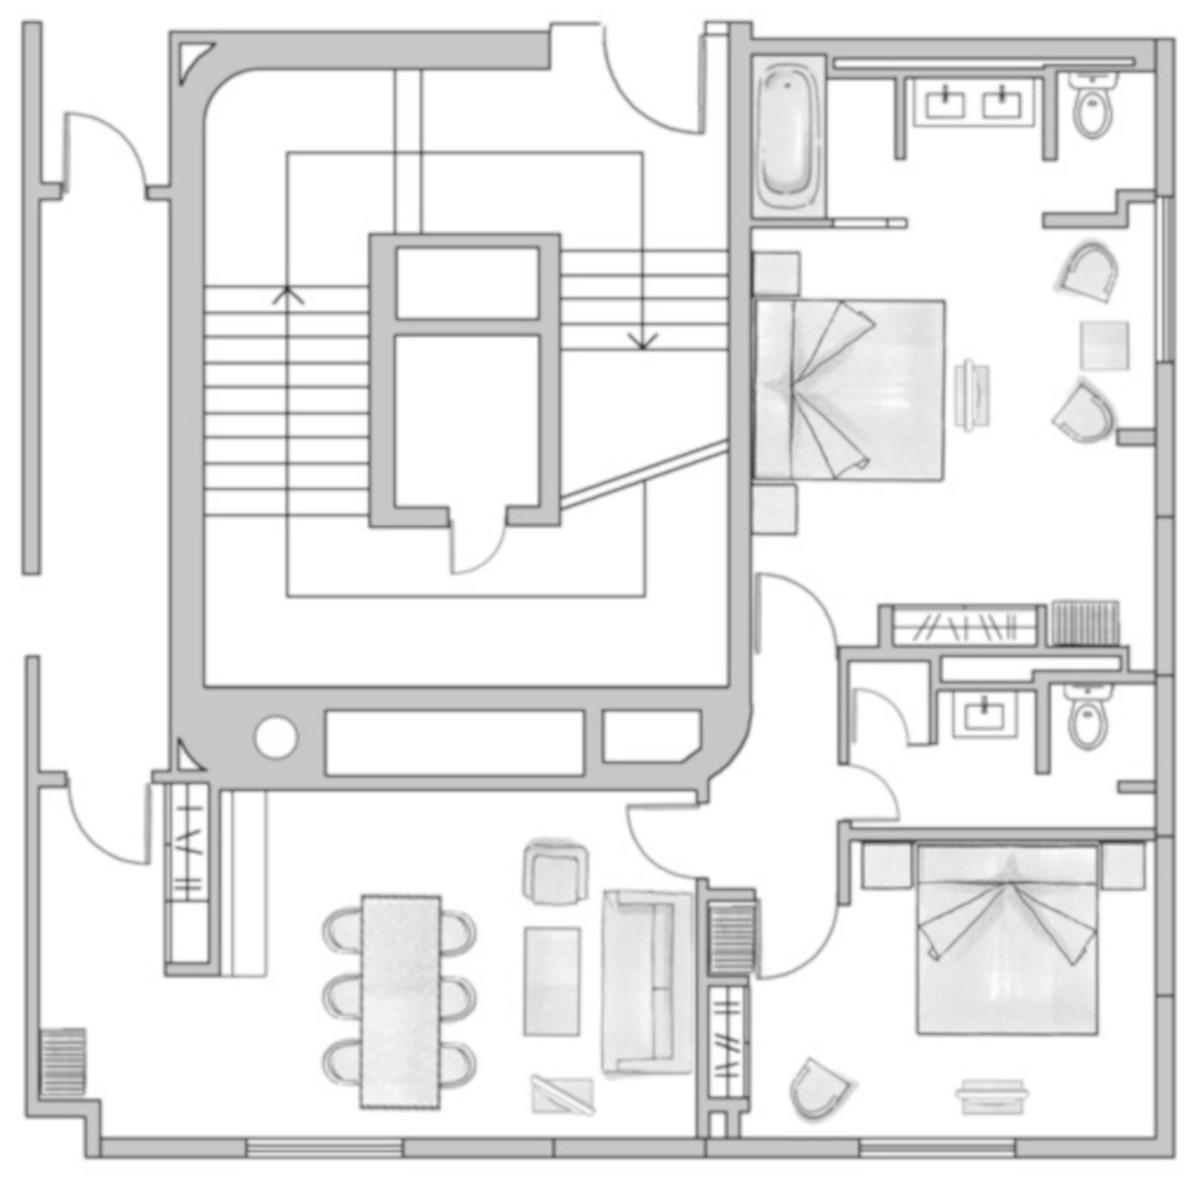 RIU Plaza Berlín - pôdorys presidential suite SPR